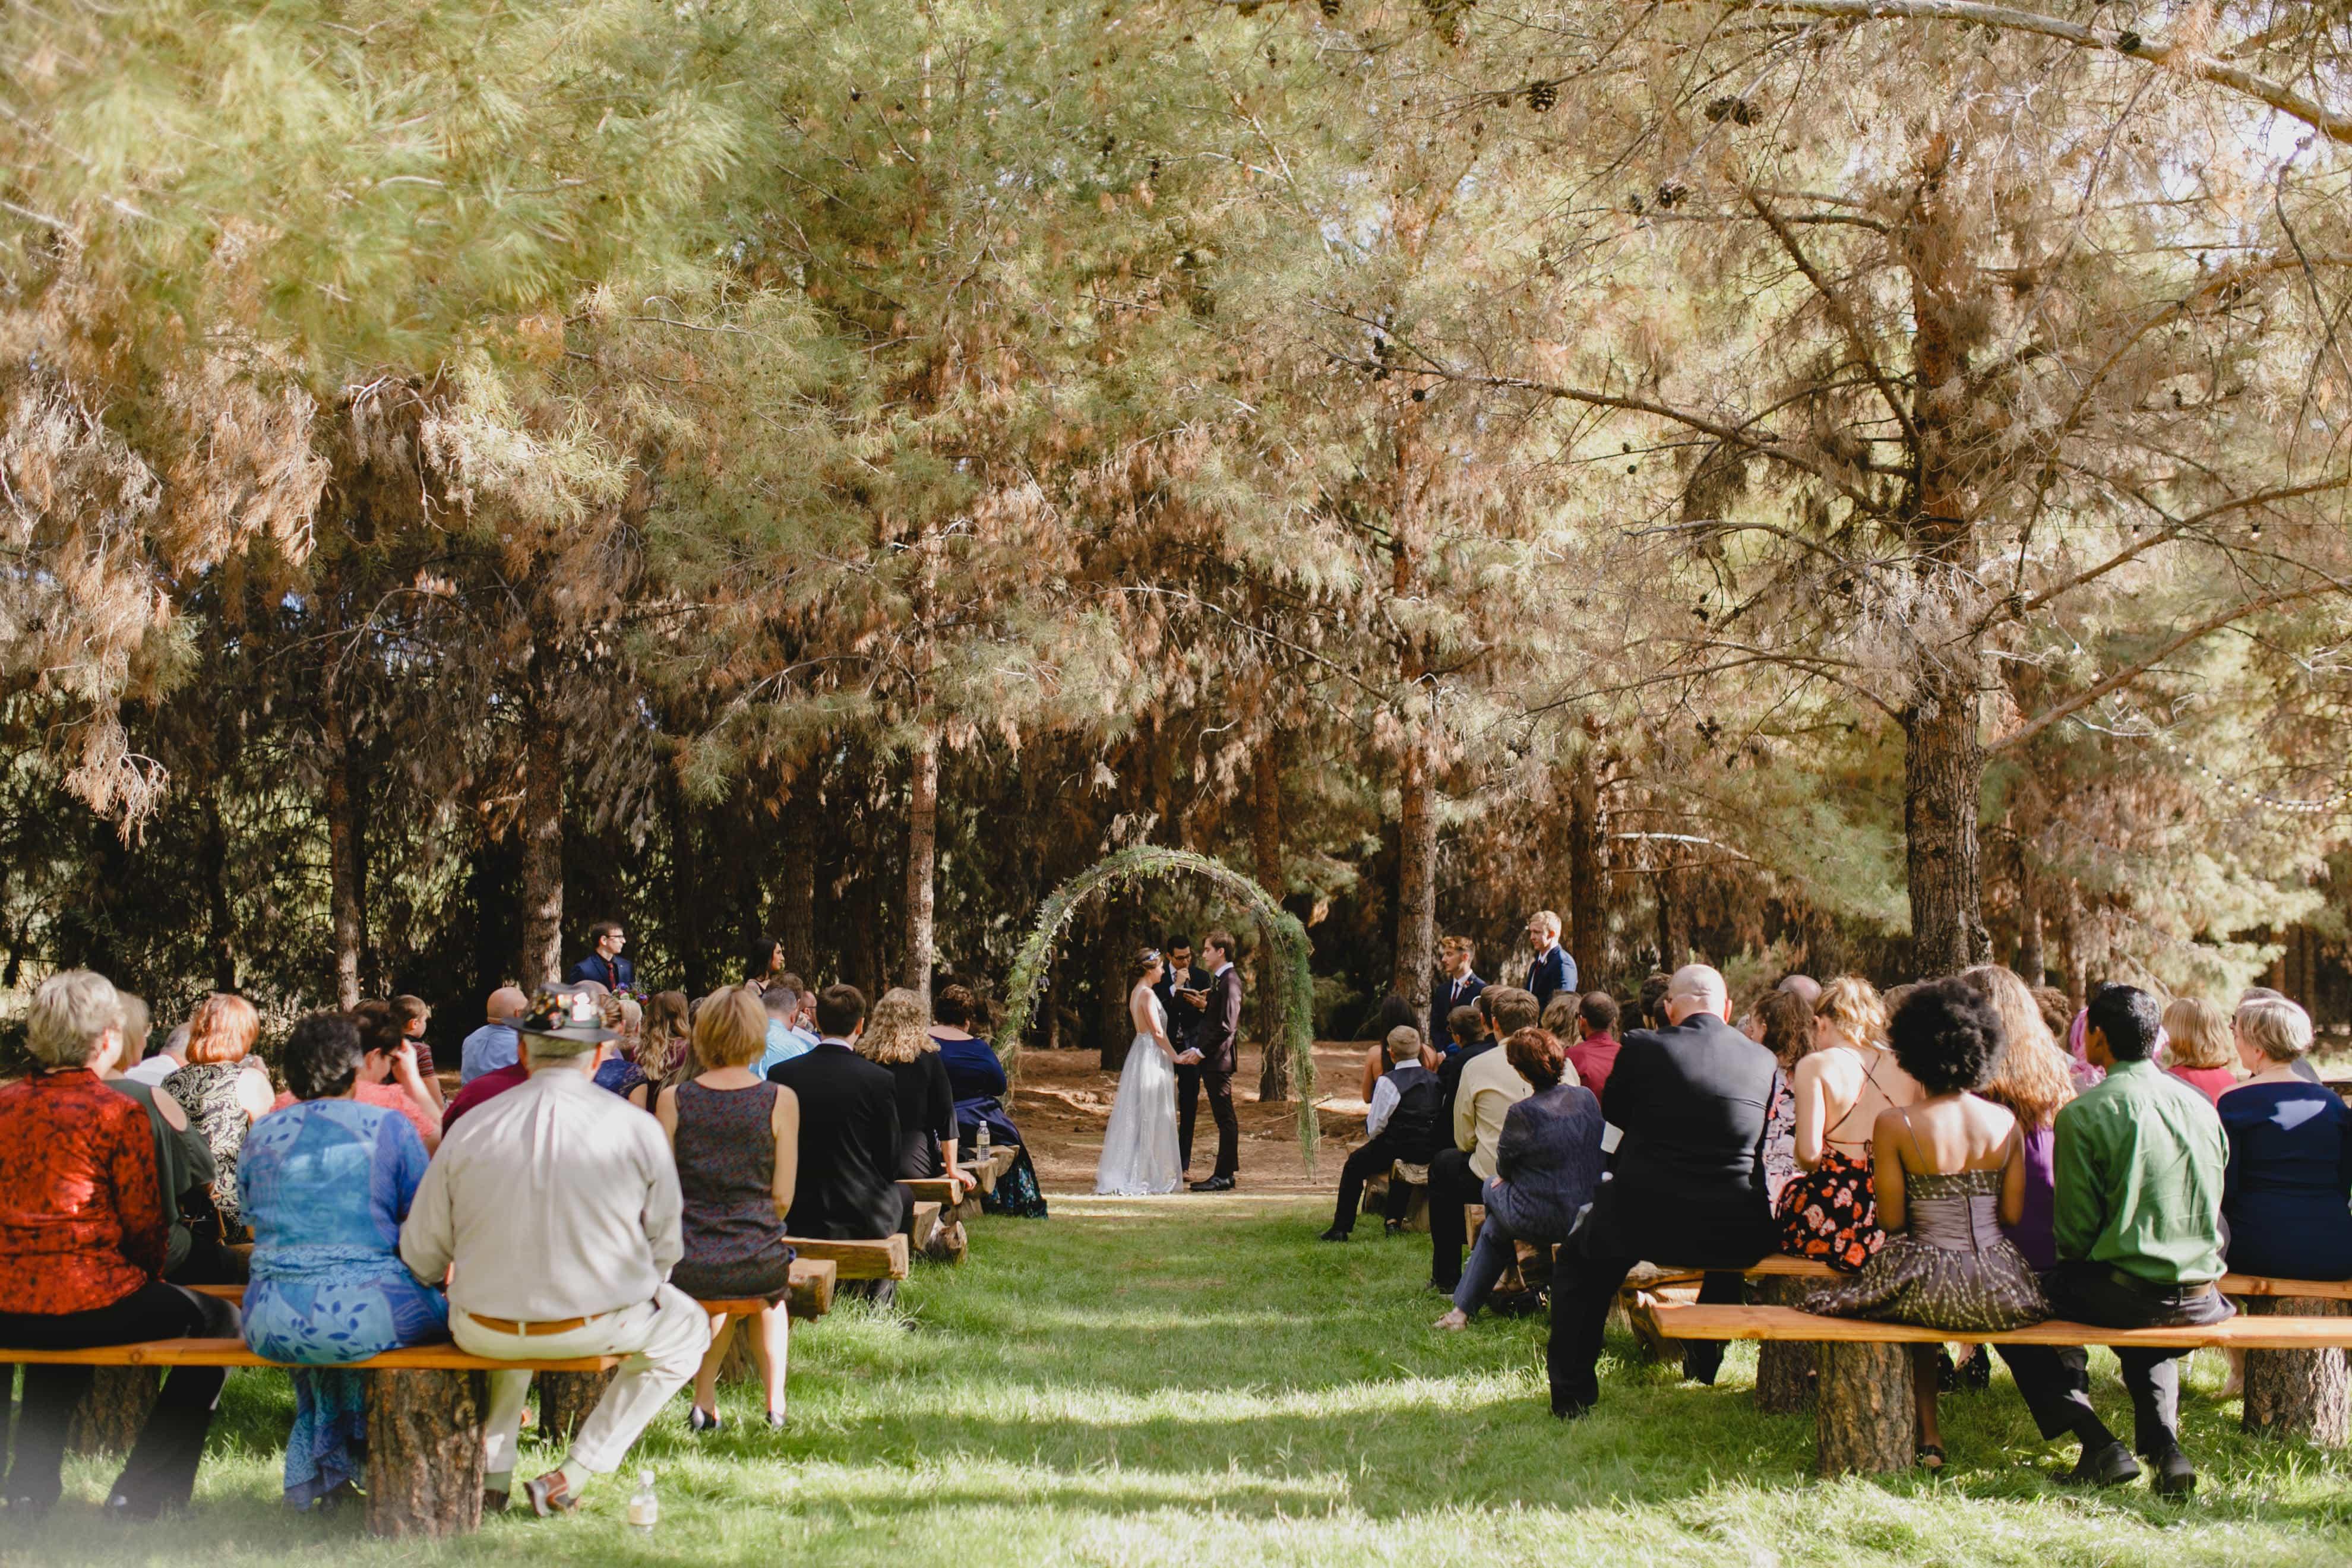 Schnepf Farms The Meadows wedding venue pine trees wedding venue in Phoenix